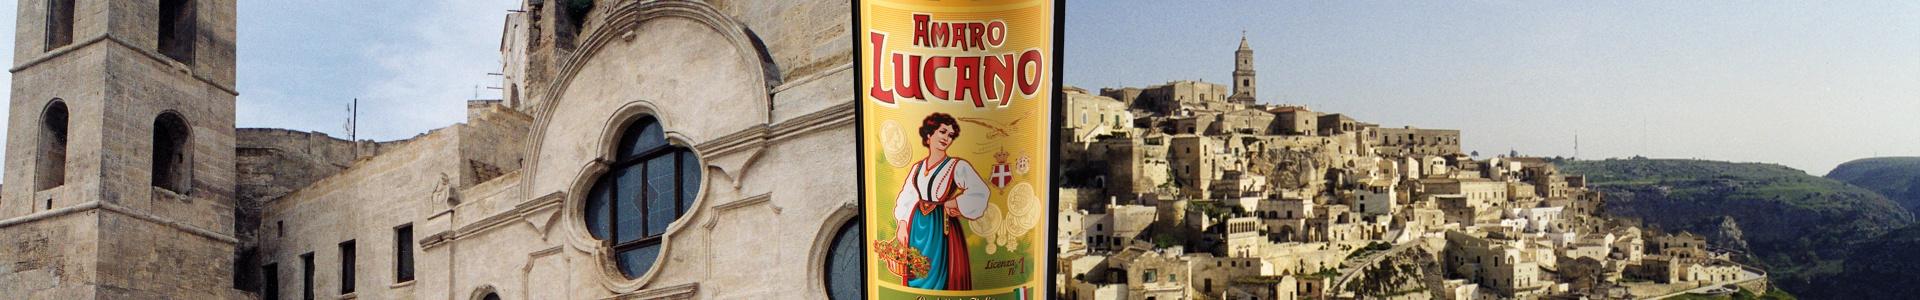 Amaro Lucano homeland image